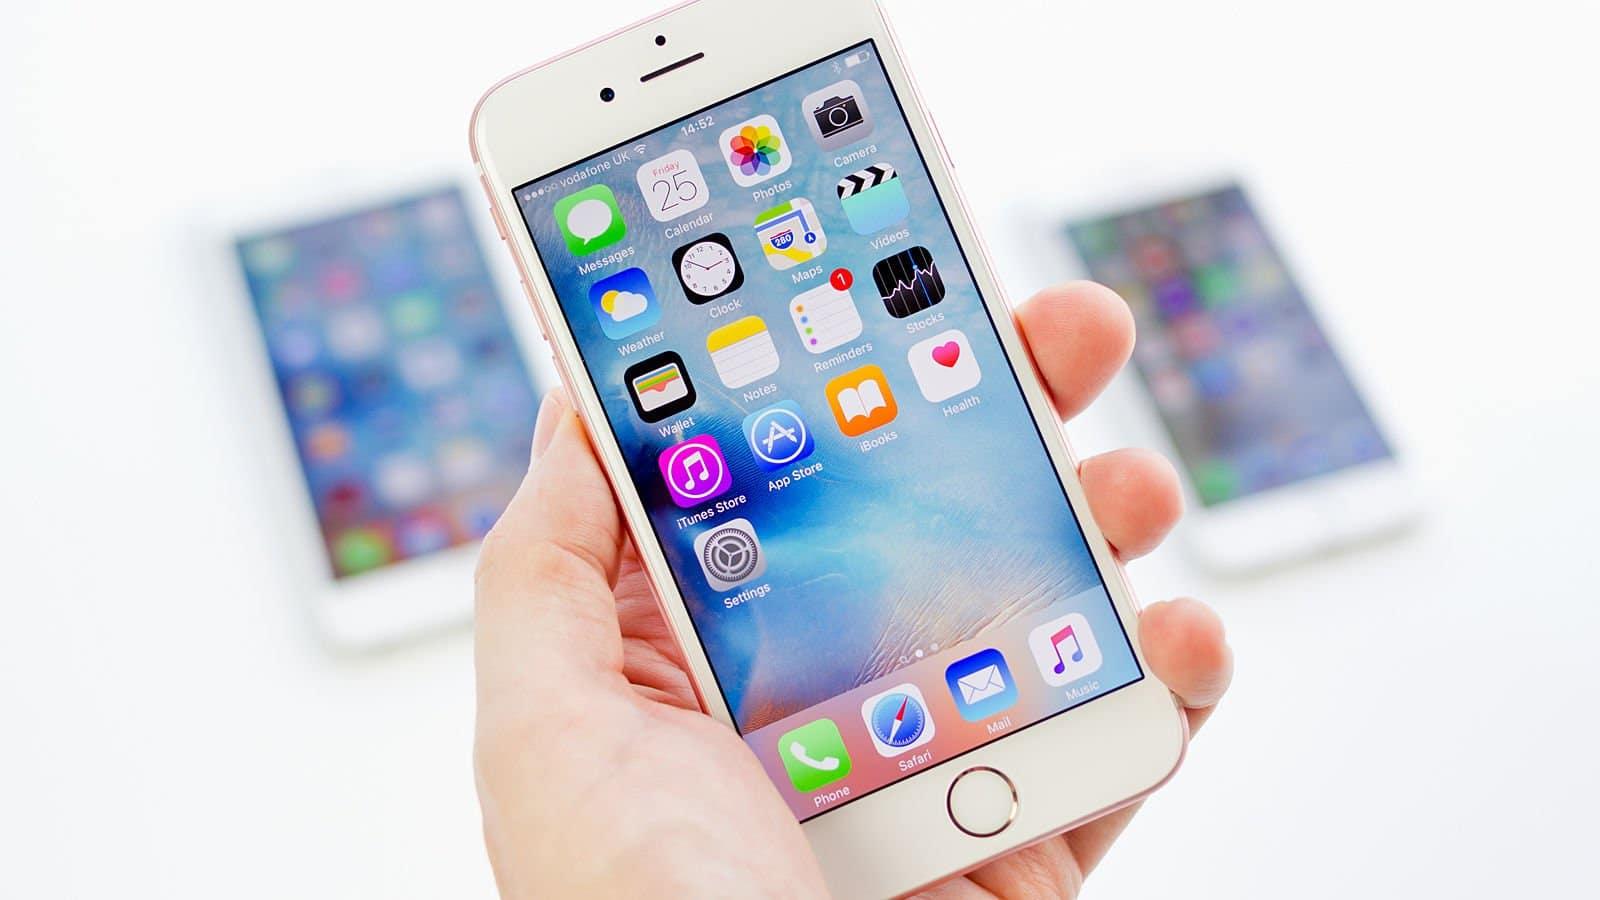 Los teléfonos inteligentes de gama alta también bajaron en ventas como los feature phones.